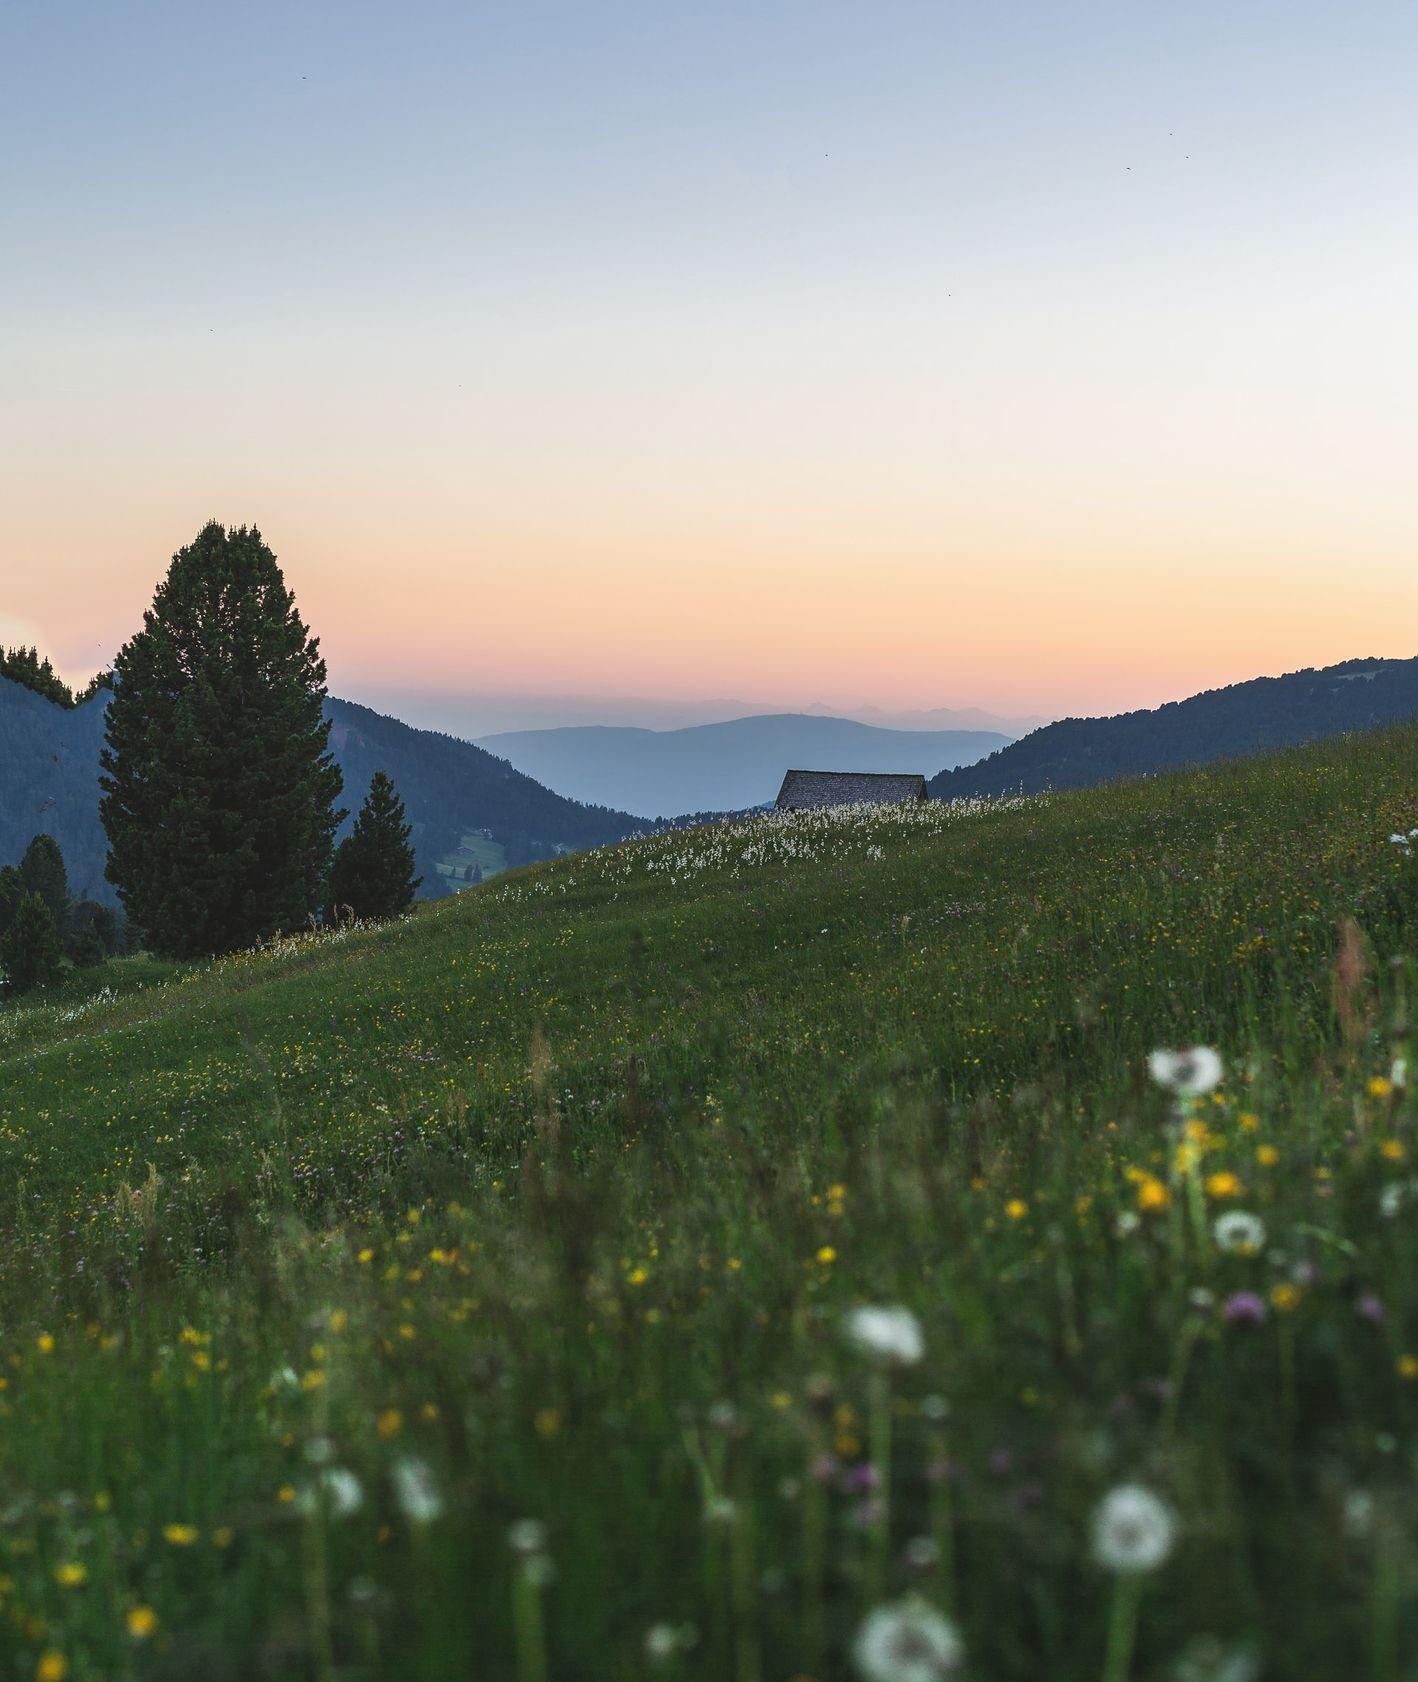 Widok na łąkę w świetle zachodzącego słońca, widoczne kwiaty mlecza i dmuchawce, w tle pagórki, drzewa i wiejska chata (fot. Eberhard Grossgasteiger / unsplash.com)